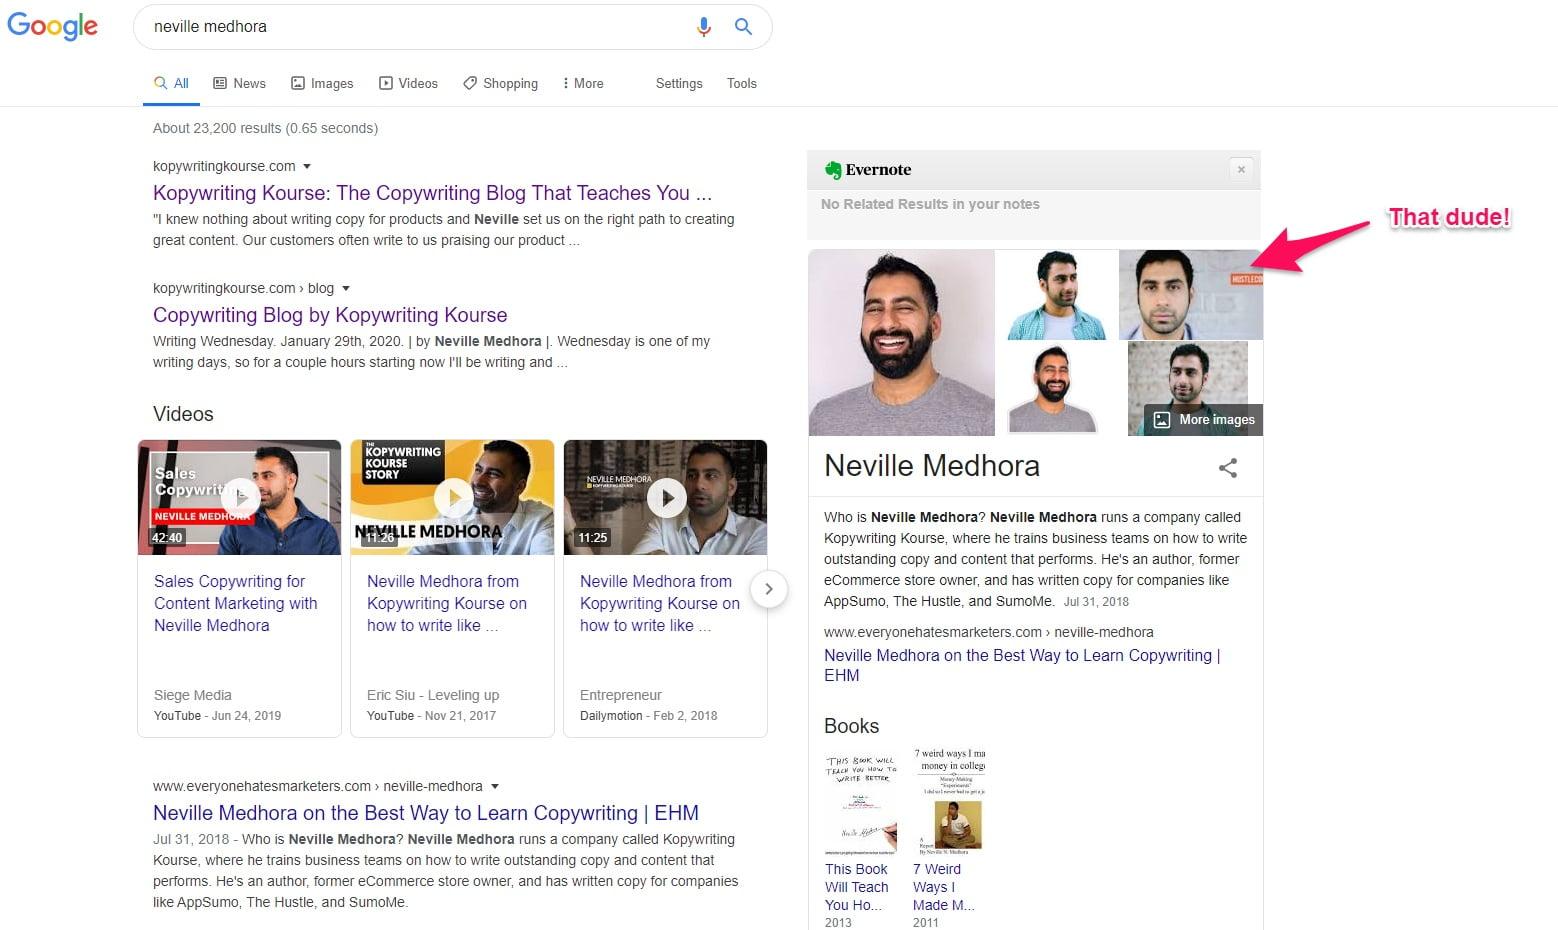 Neville Medhora Google profile